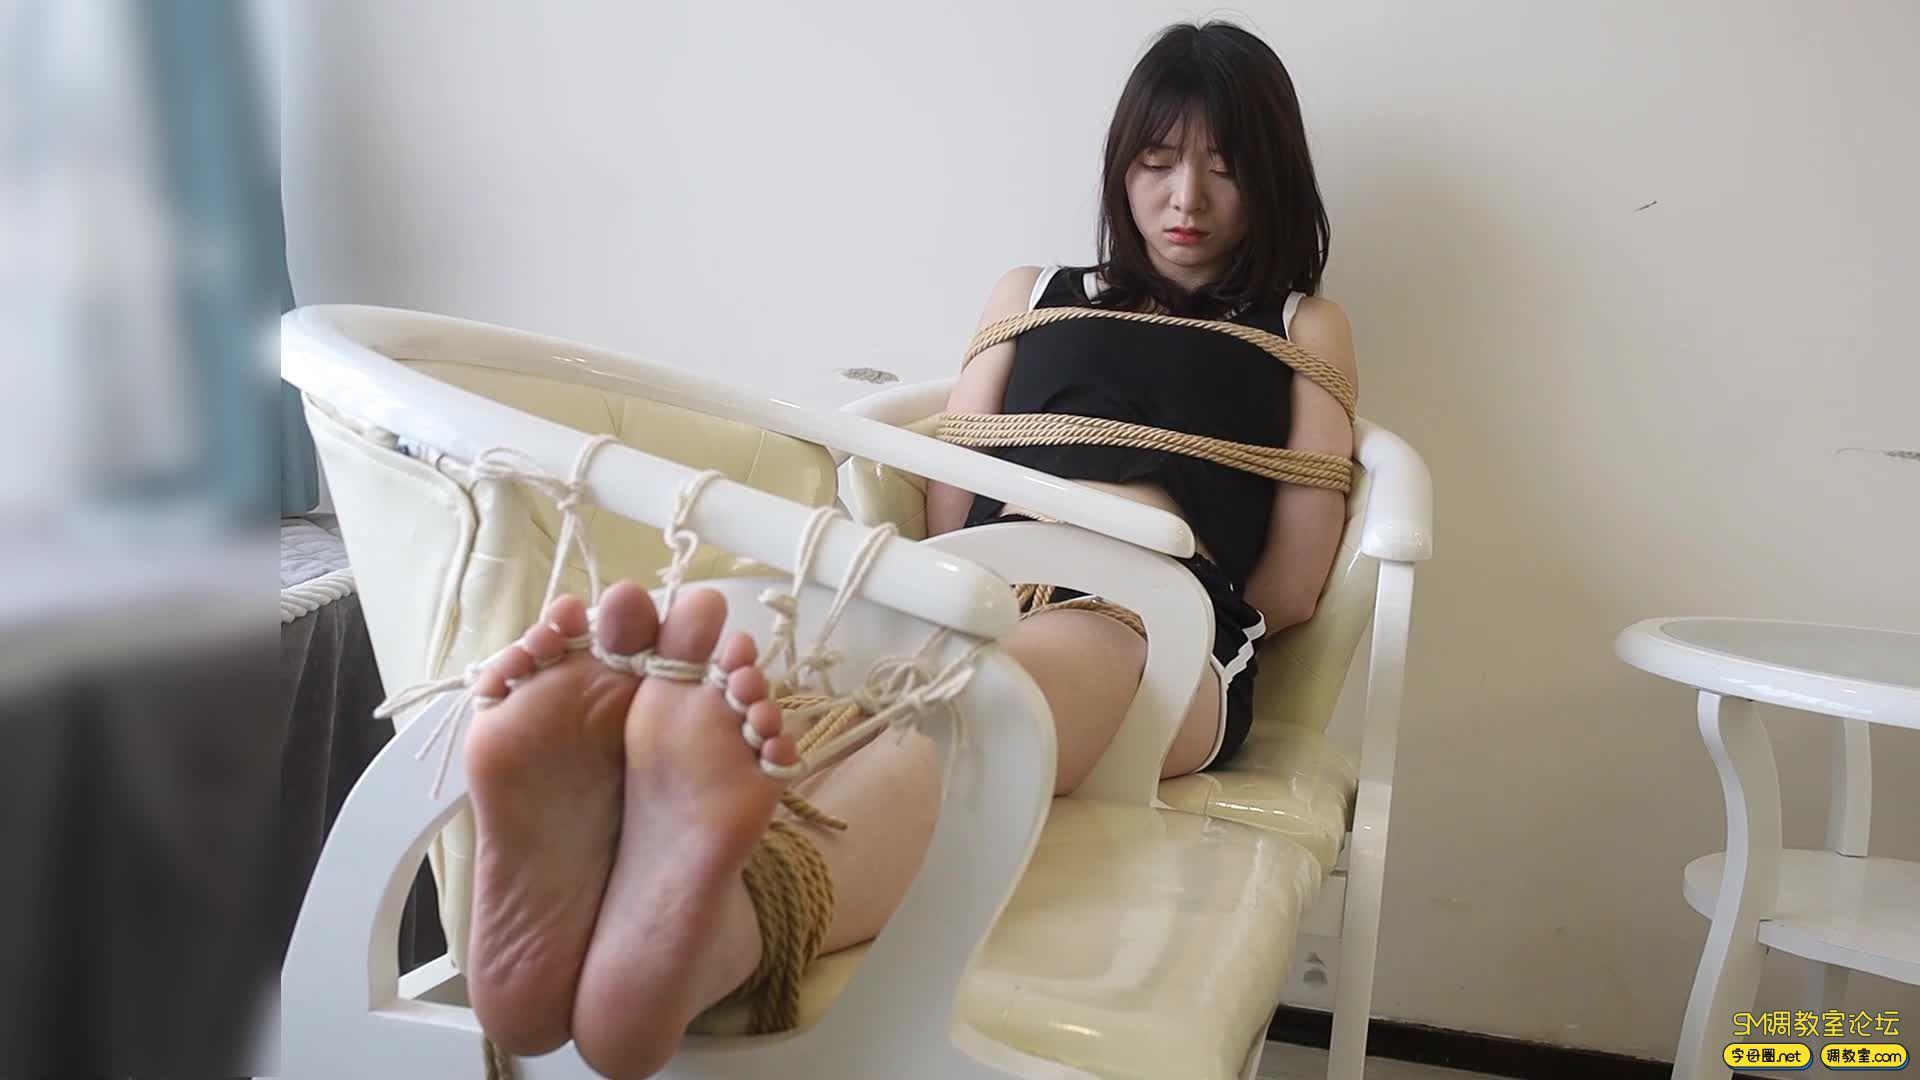 心悦艺束_筱筱的老虎凳TK,十个脚趾都紧紧被绑缚-视频截图4